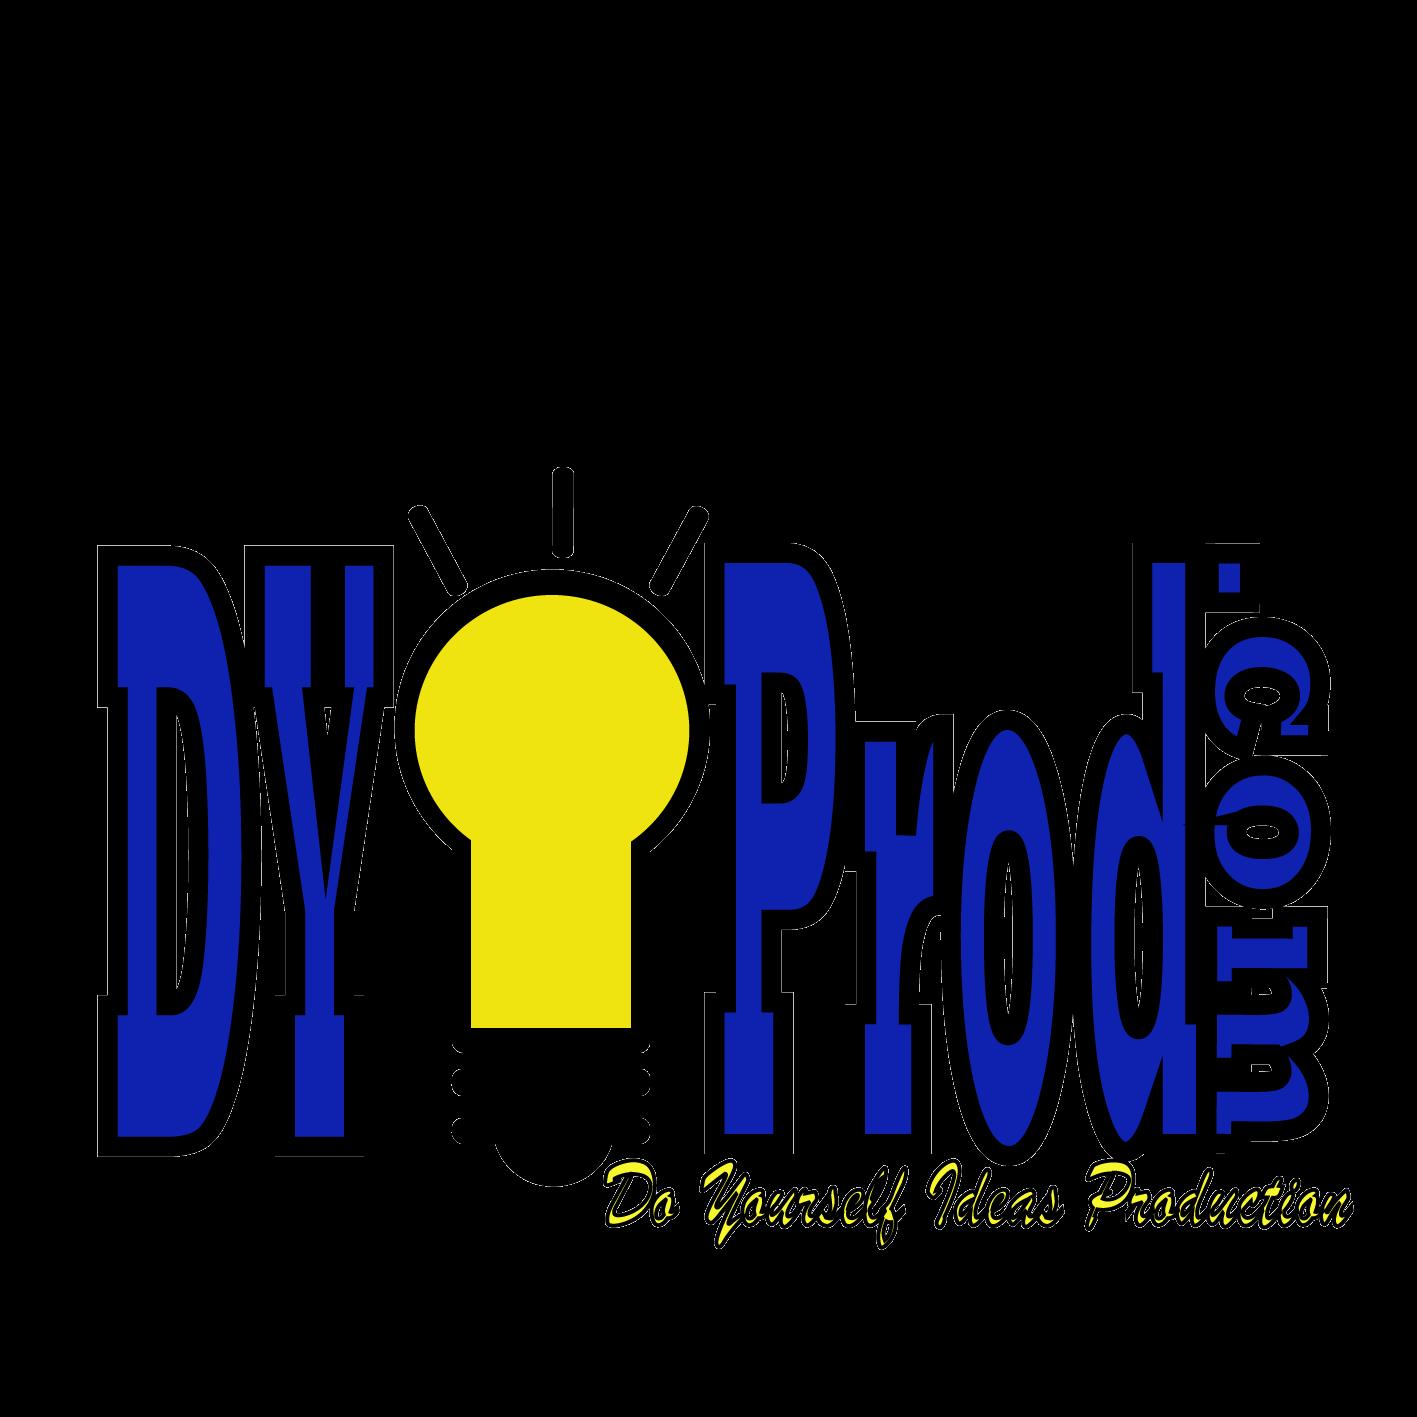 DyiProd Radio's